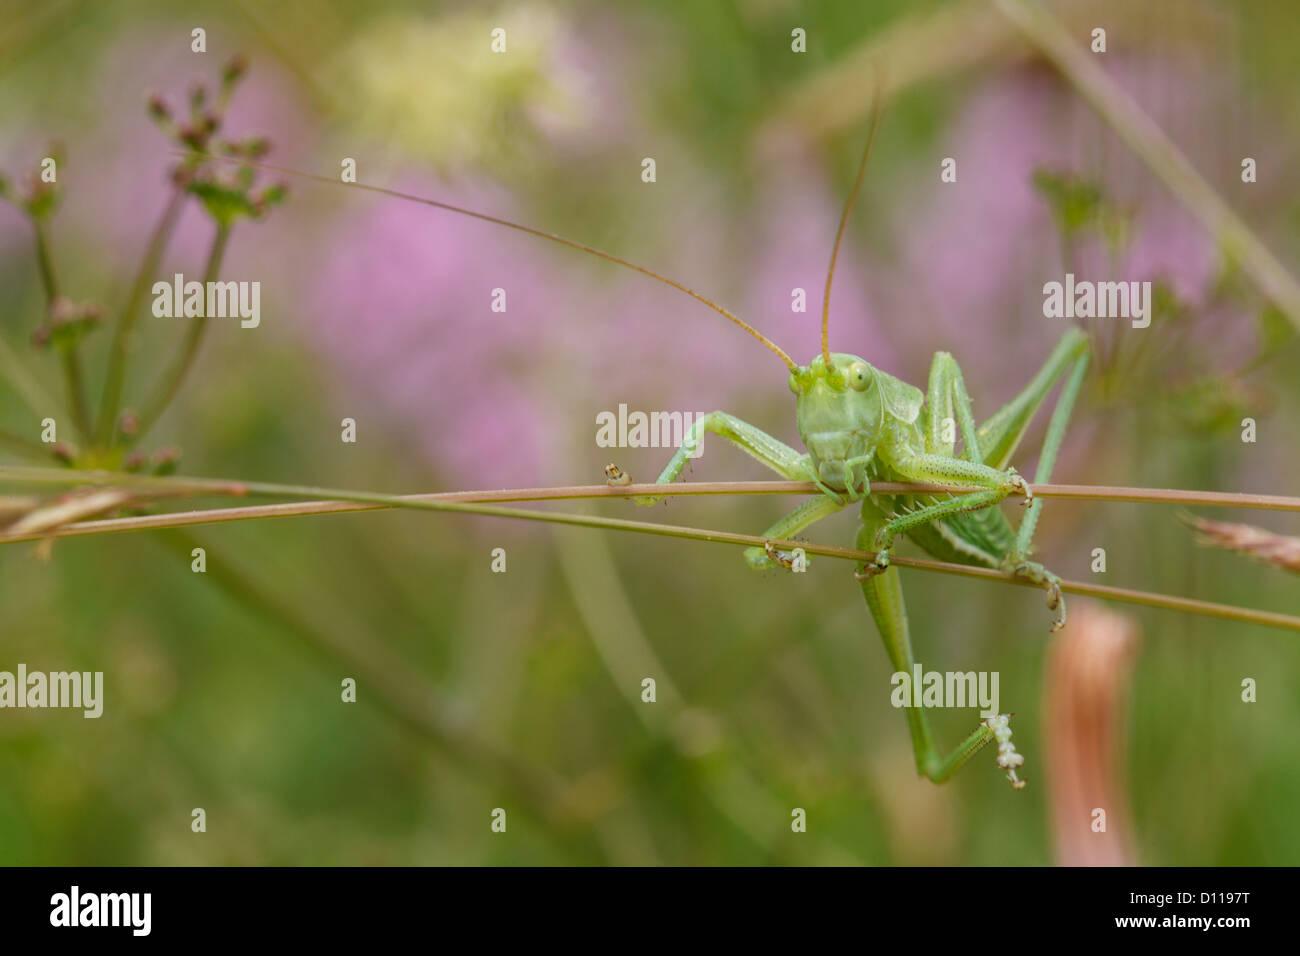 Großen Nymphe große Green Bush Cricket (Tettigonia Viridissima) klettern Vegetation. Auf dem Causse de Stockbild